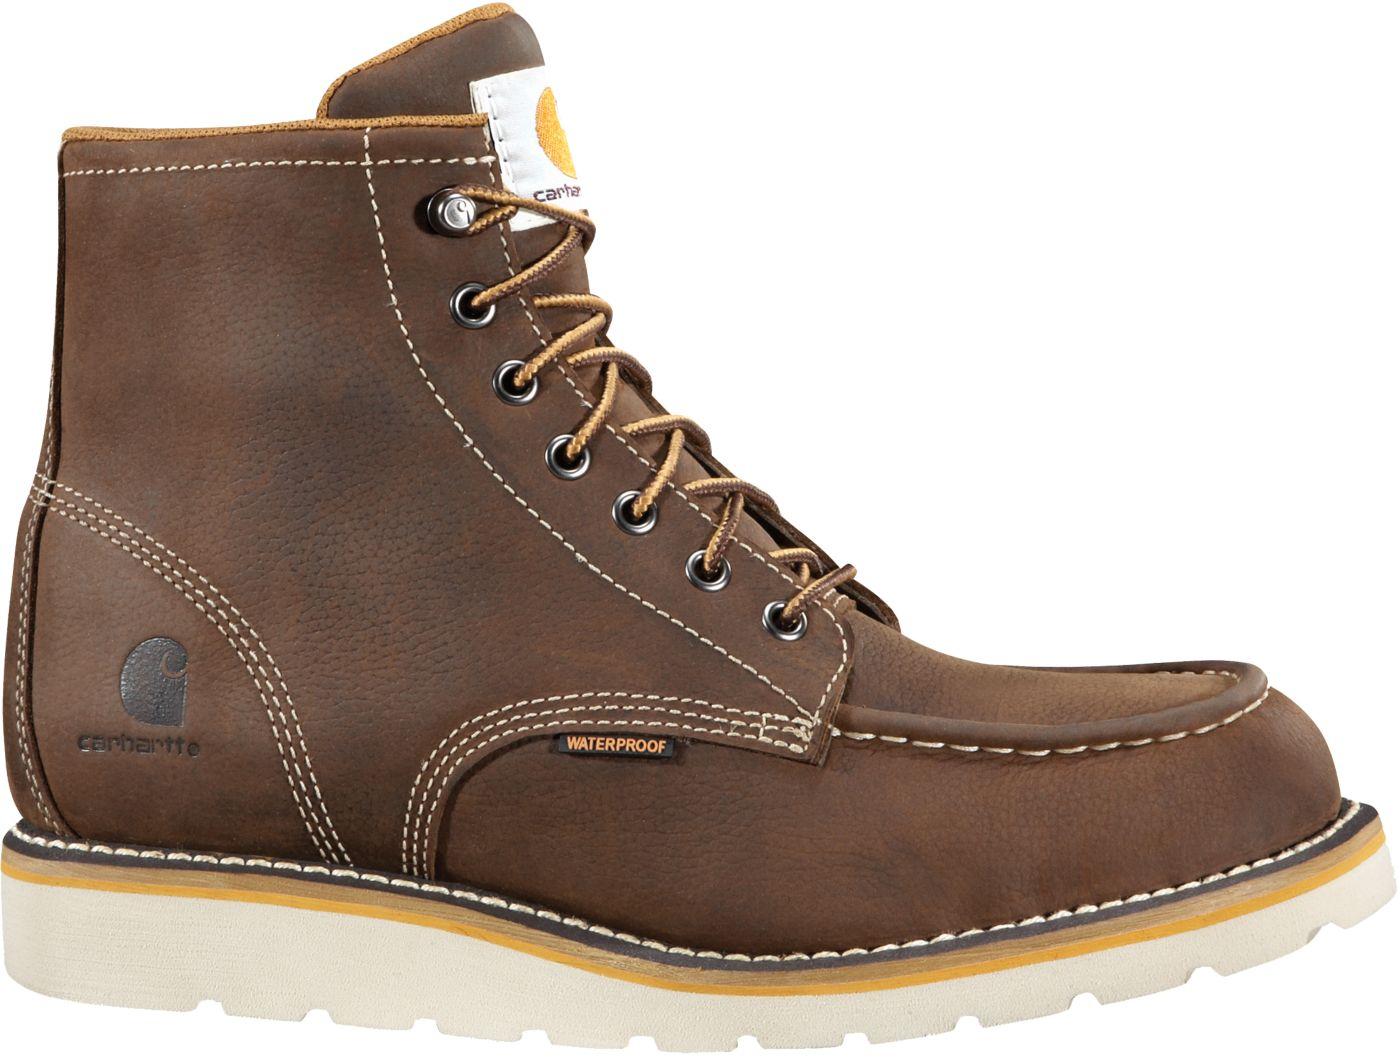 Carhartt Men's Moc Toe Wedge 6'' Waterproof Steel Toe Work Boots